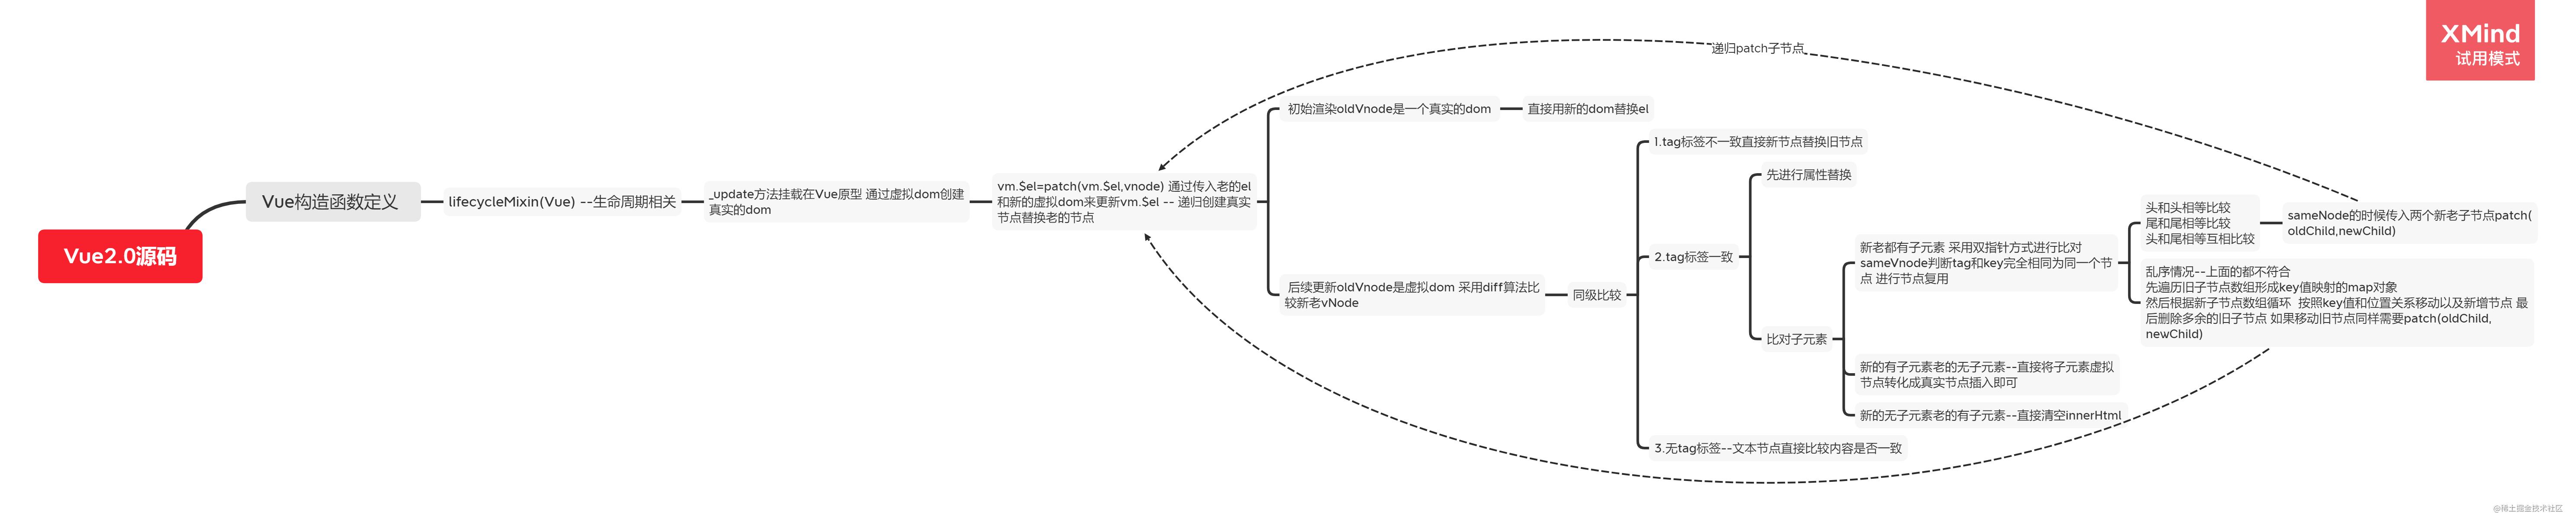 Vue2.0源码-diff算法.png